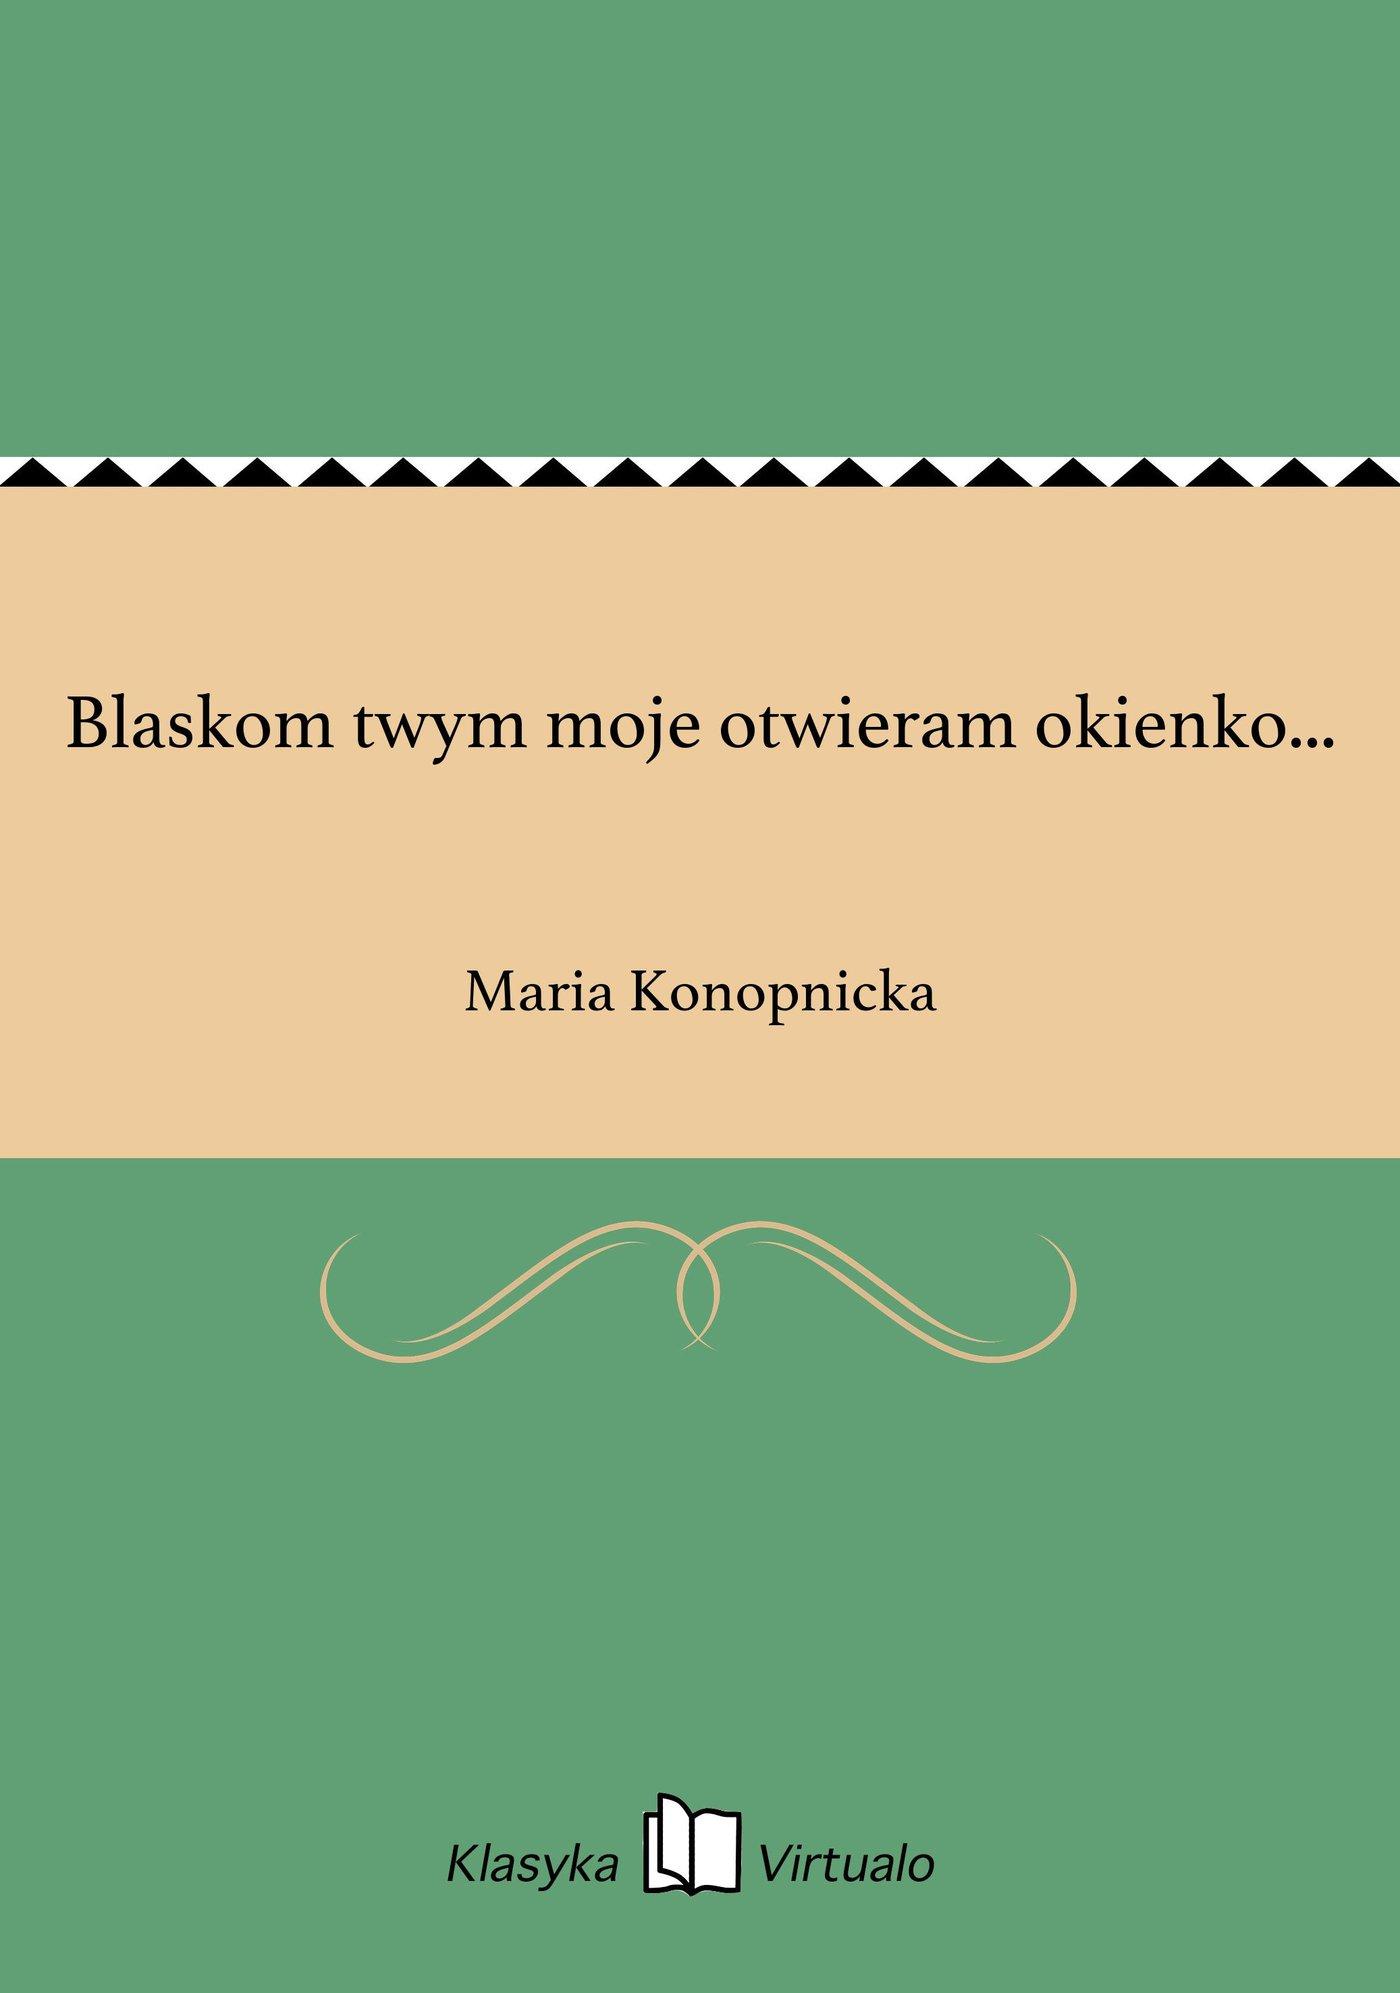 Blaskom twym moje otwieram okienko... - Ebook (Książka EPUB) do pobrania w formacie EPUB